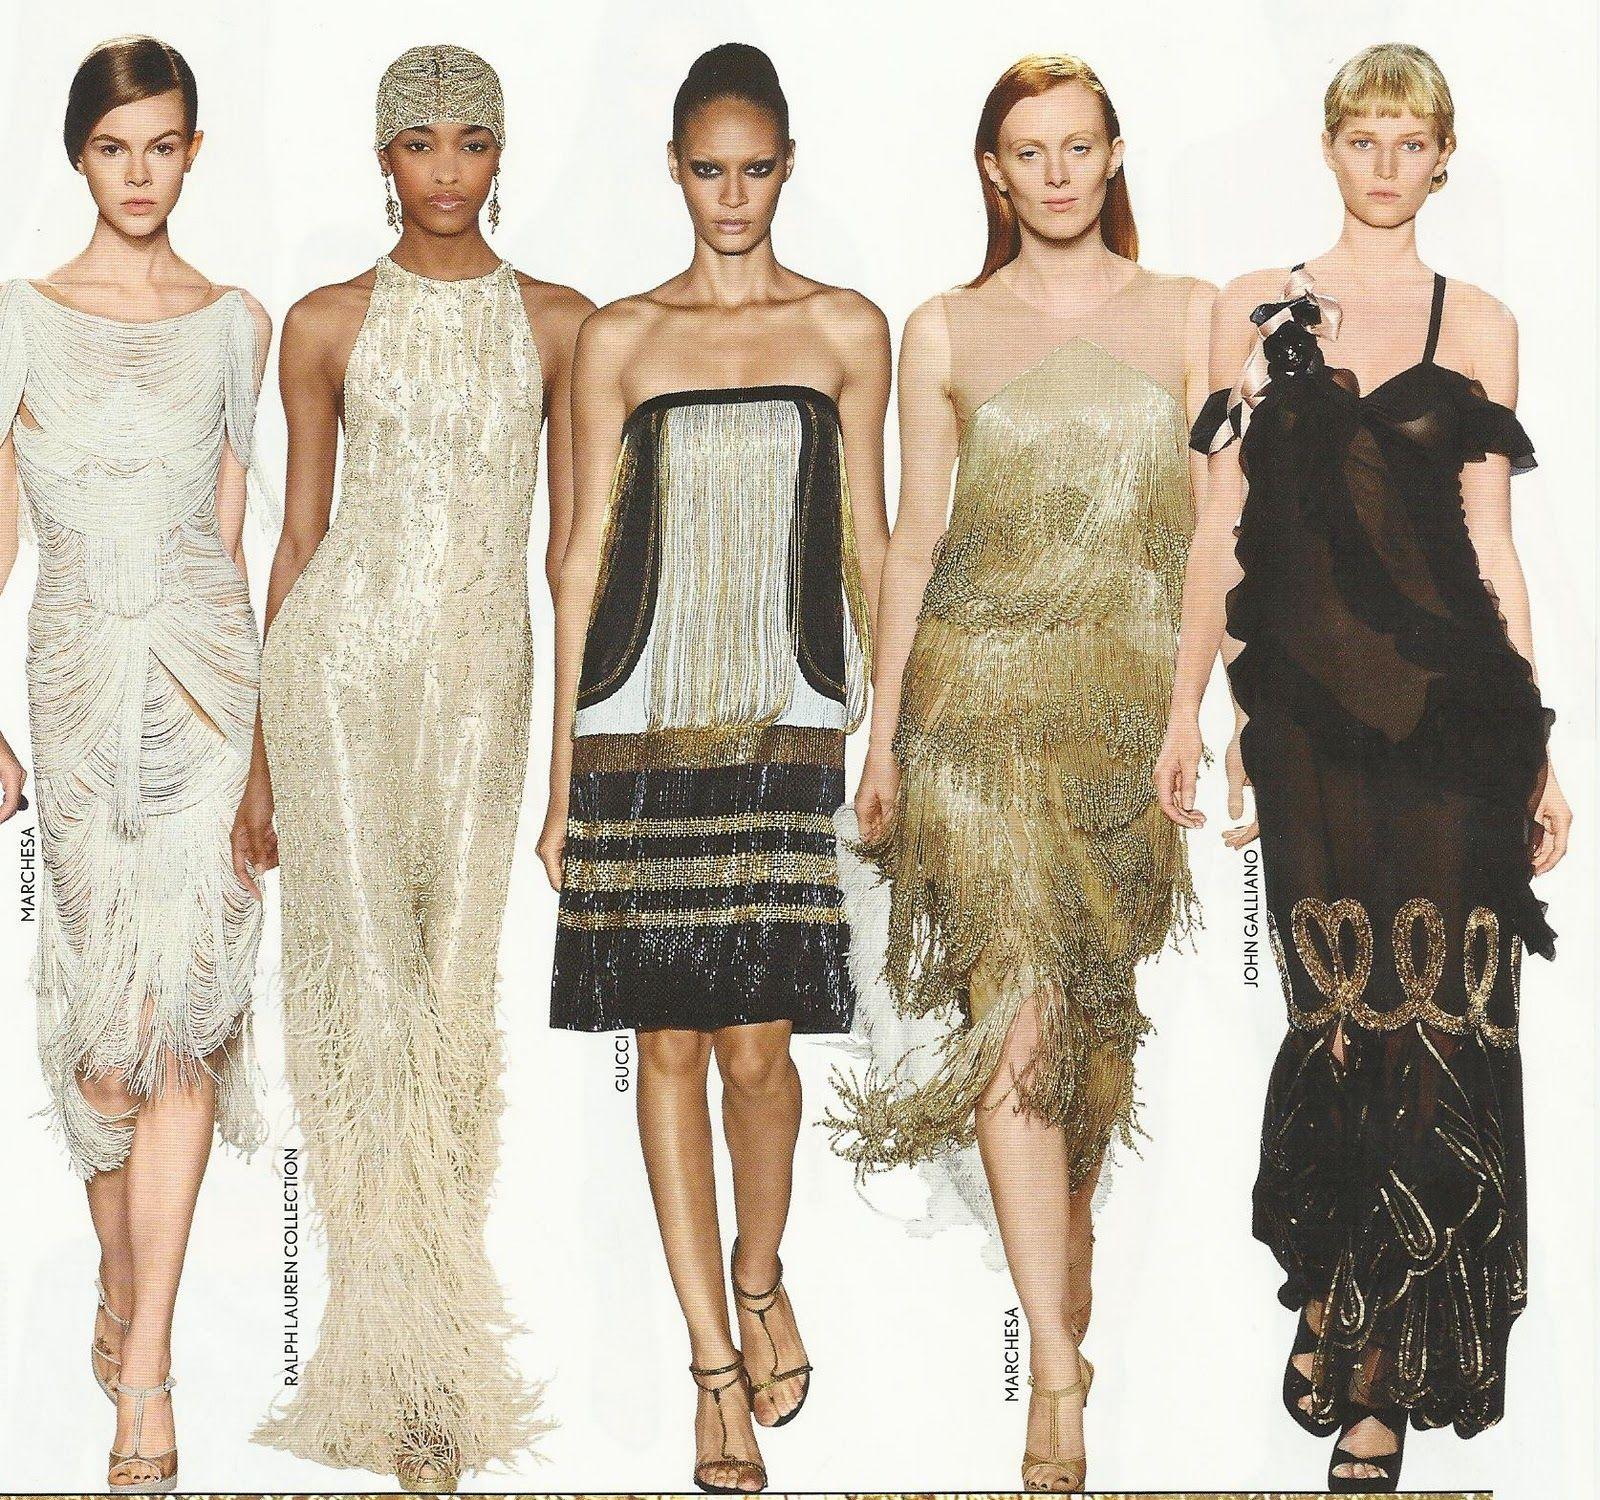 Großzügig Gatsby Stil Cocktailkleid Fotos - Hochzeit Kleid Stile ...